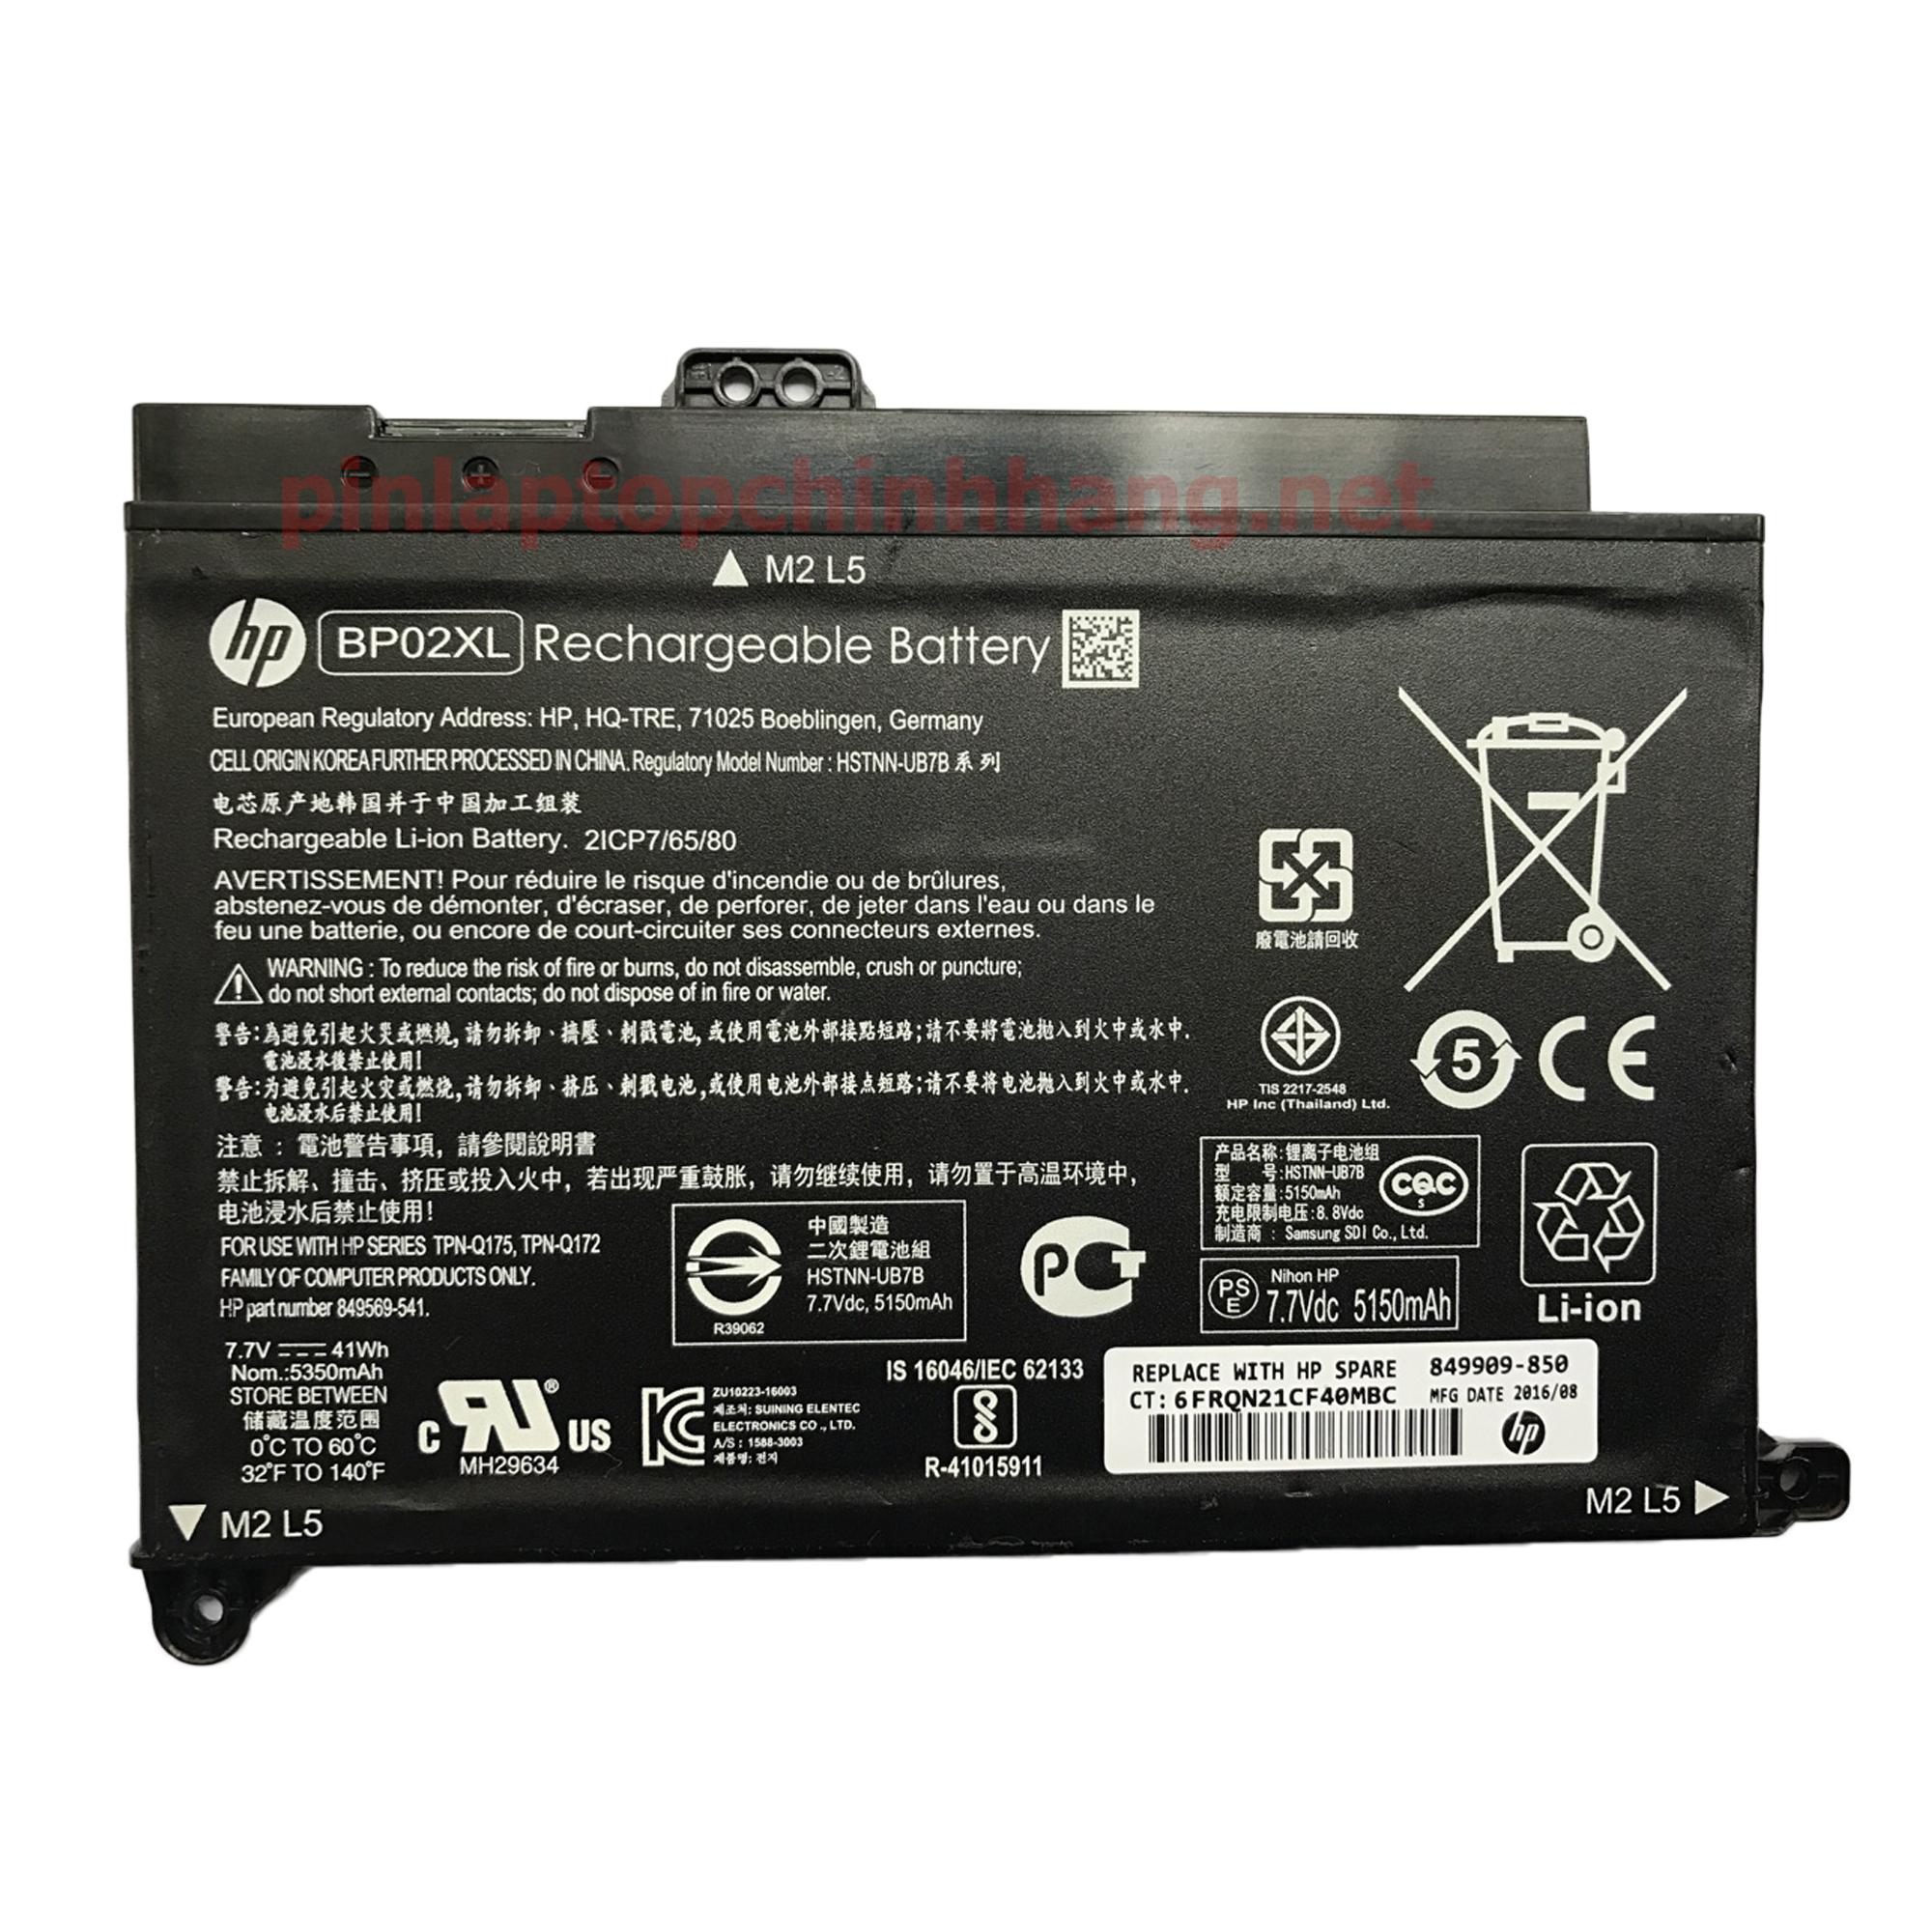 Battery (Pin) Laptop Chính Hãng Pavilion 15-AU095TX, 15-AW00AT,15-AU144TX, 15-AW006NG,15-AU154TX, 15-AU100, 15-AU147TX, 15-AU106NG, 15-AU149TX, 15-AU109NG, 15-AU164TX, 15-AU145NG, 15-AU163TX BP02XL HSTNN-LB7H